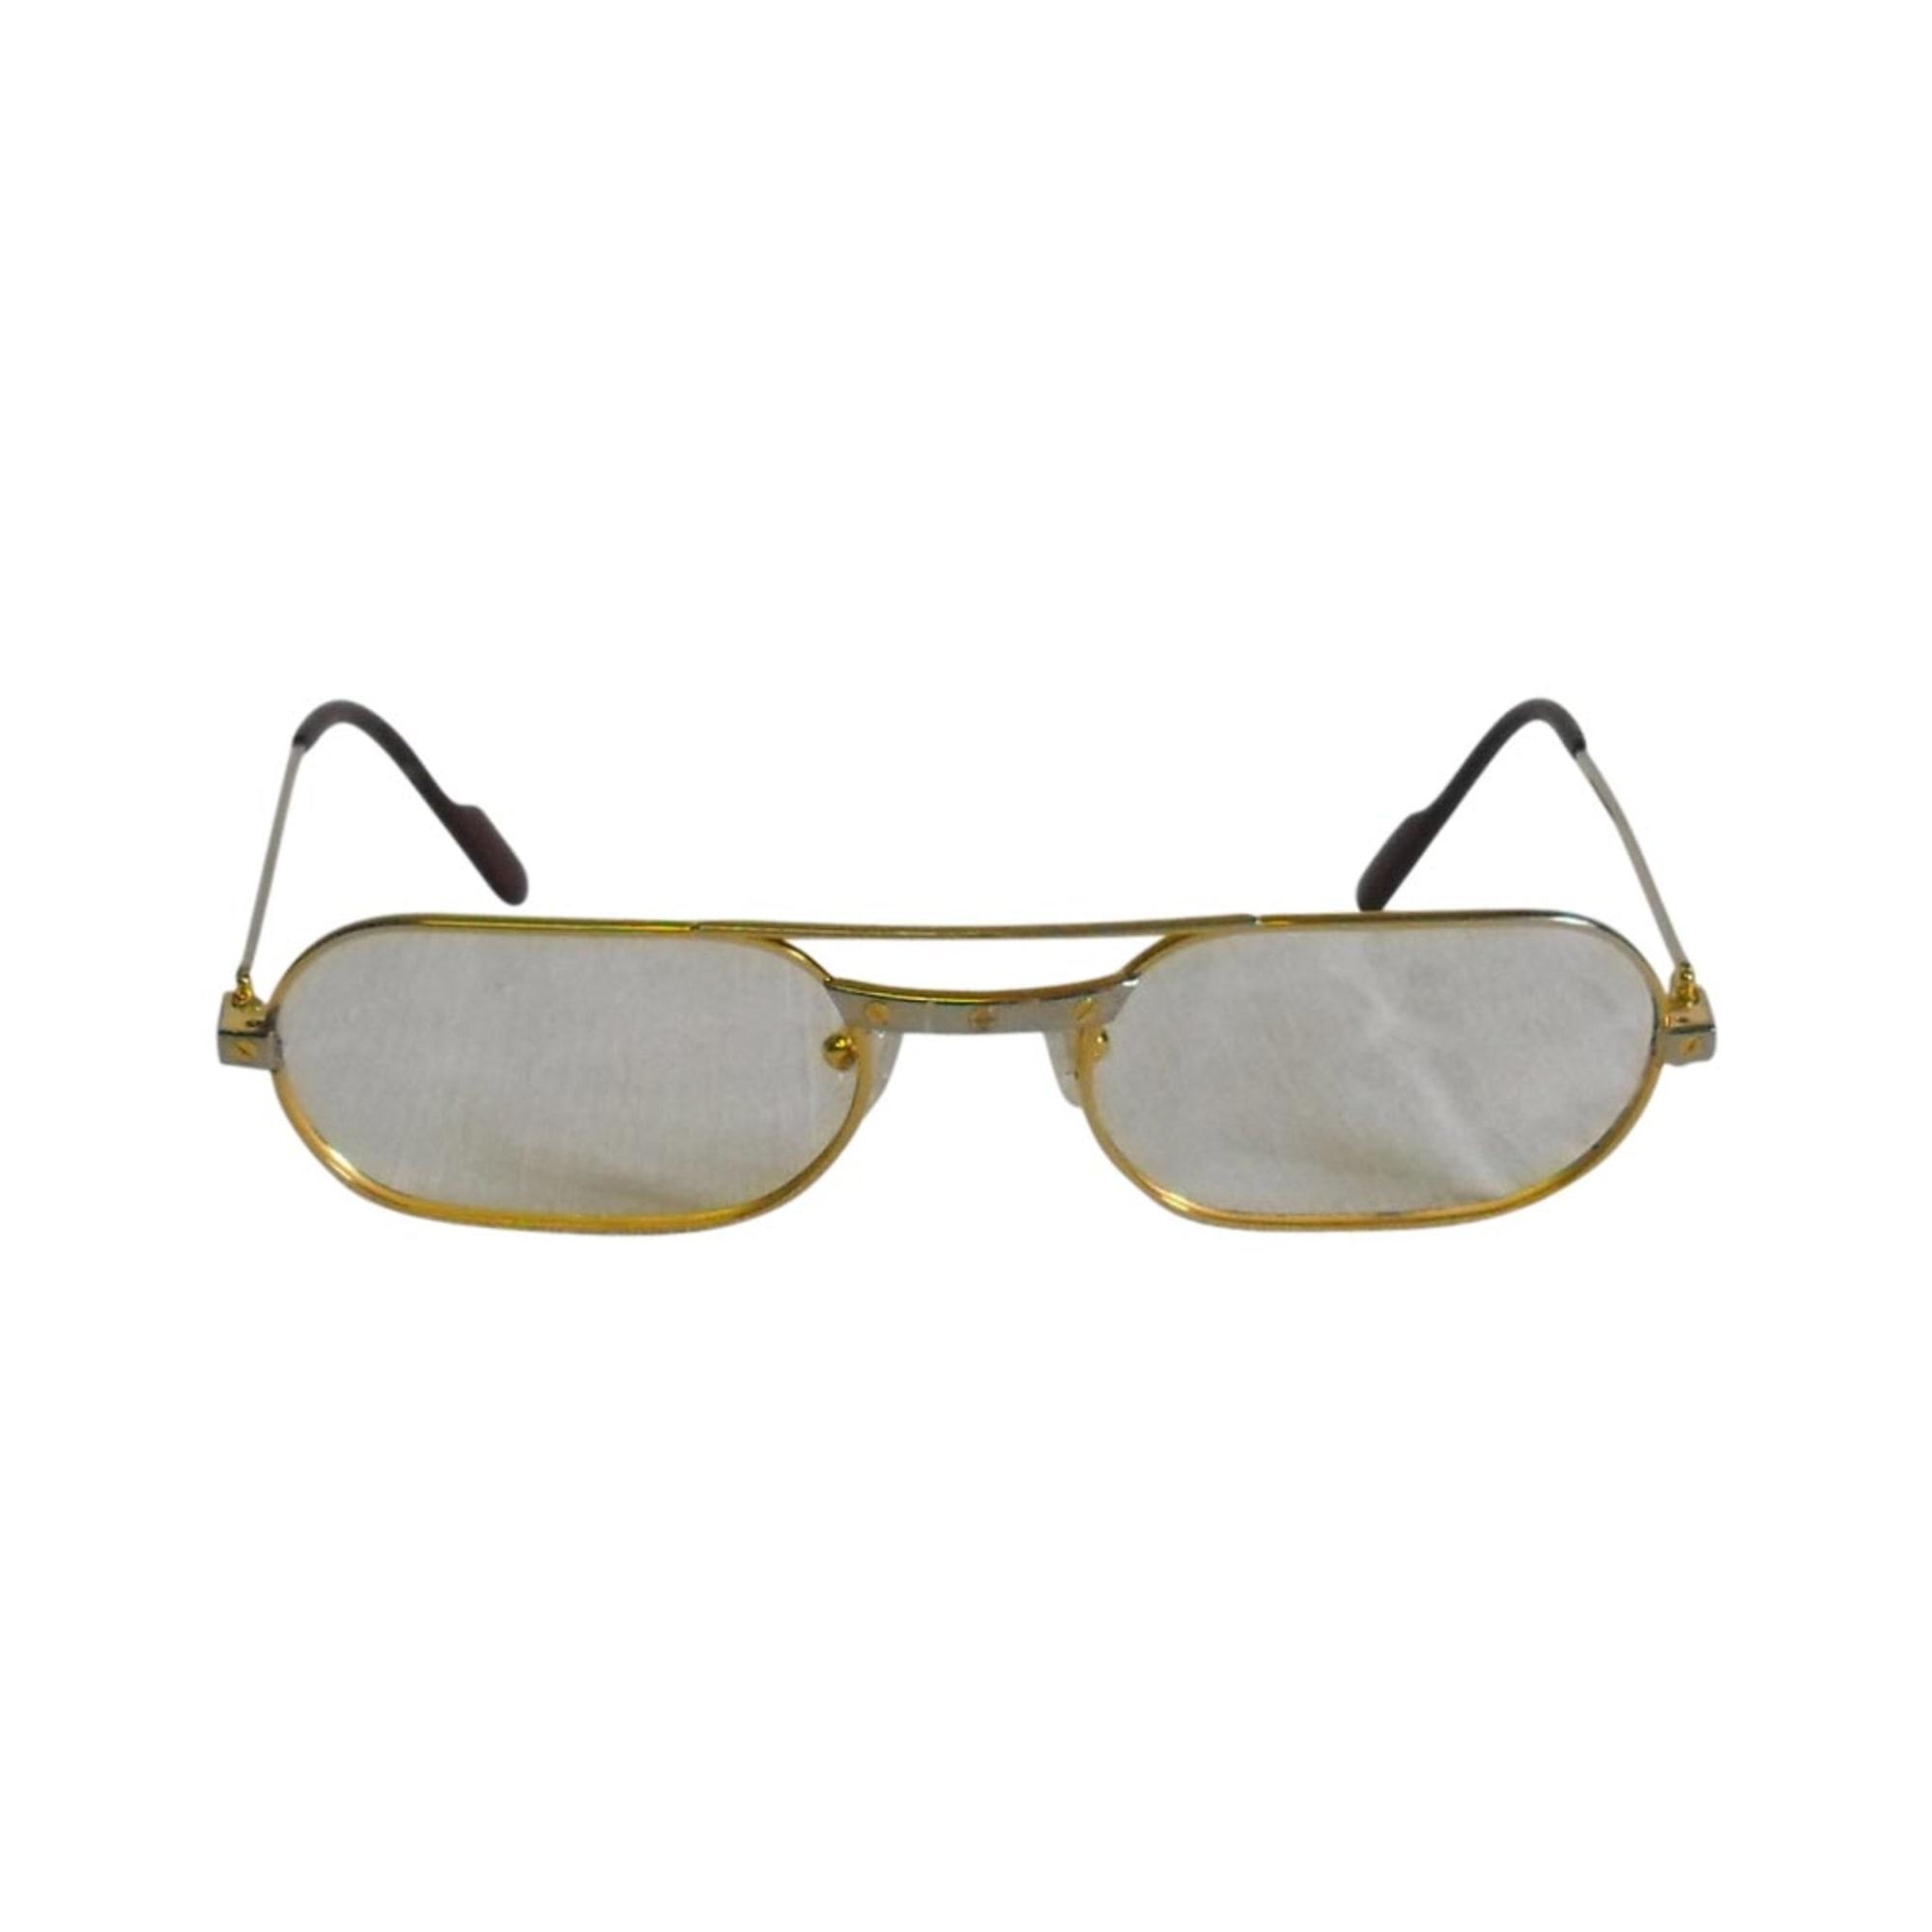 Monture de lunettes CARTIER doré vendu par La trouvaille 42 - 2521527 cdeab63f8810